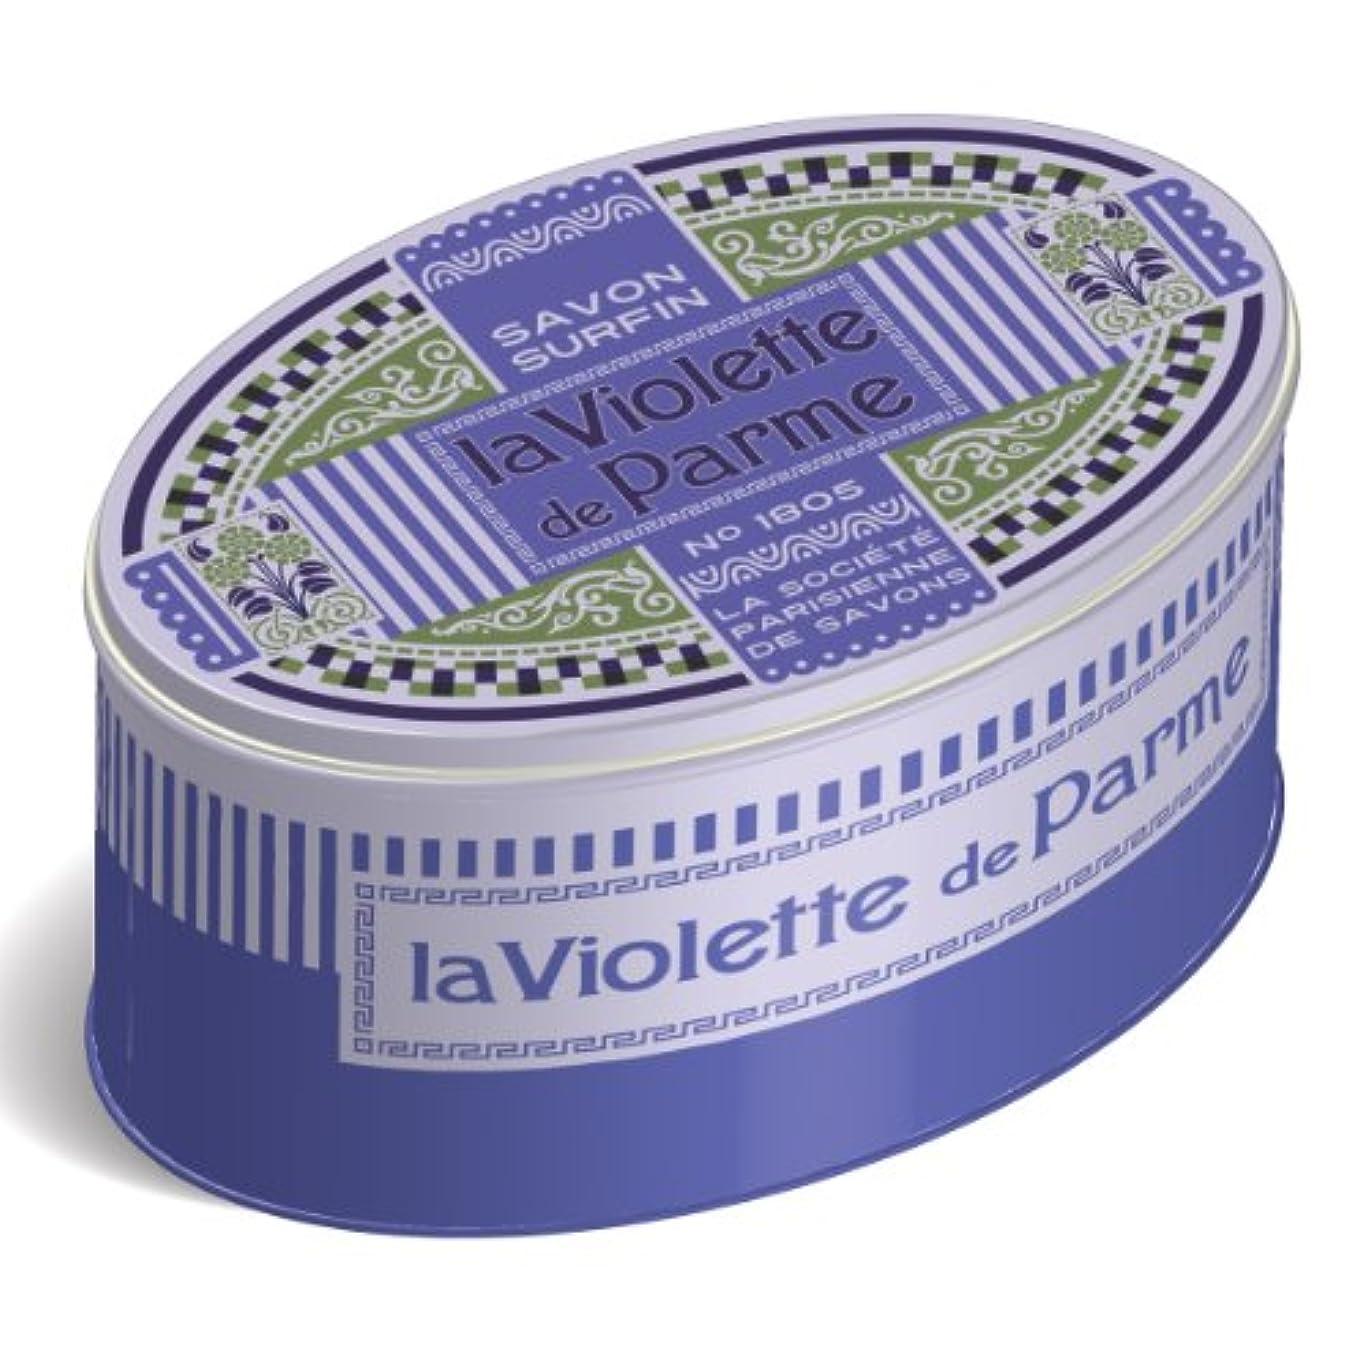 インタフェース富豪奴隷LA SOCIETE PARISIENNE DE SAVONS フレグランスソープ(缶入) 250g 「ラヴィオットデパルム」 3440576130614